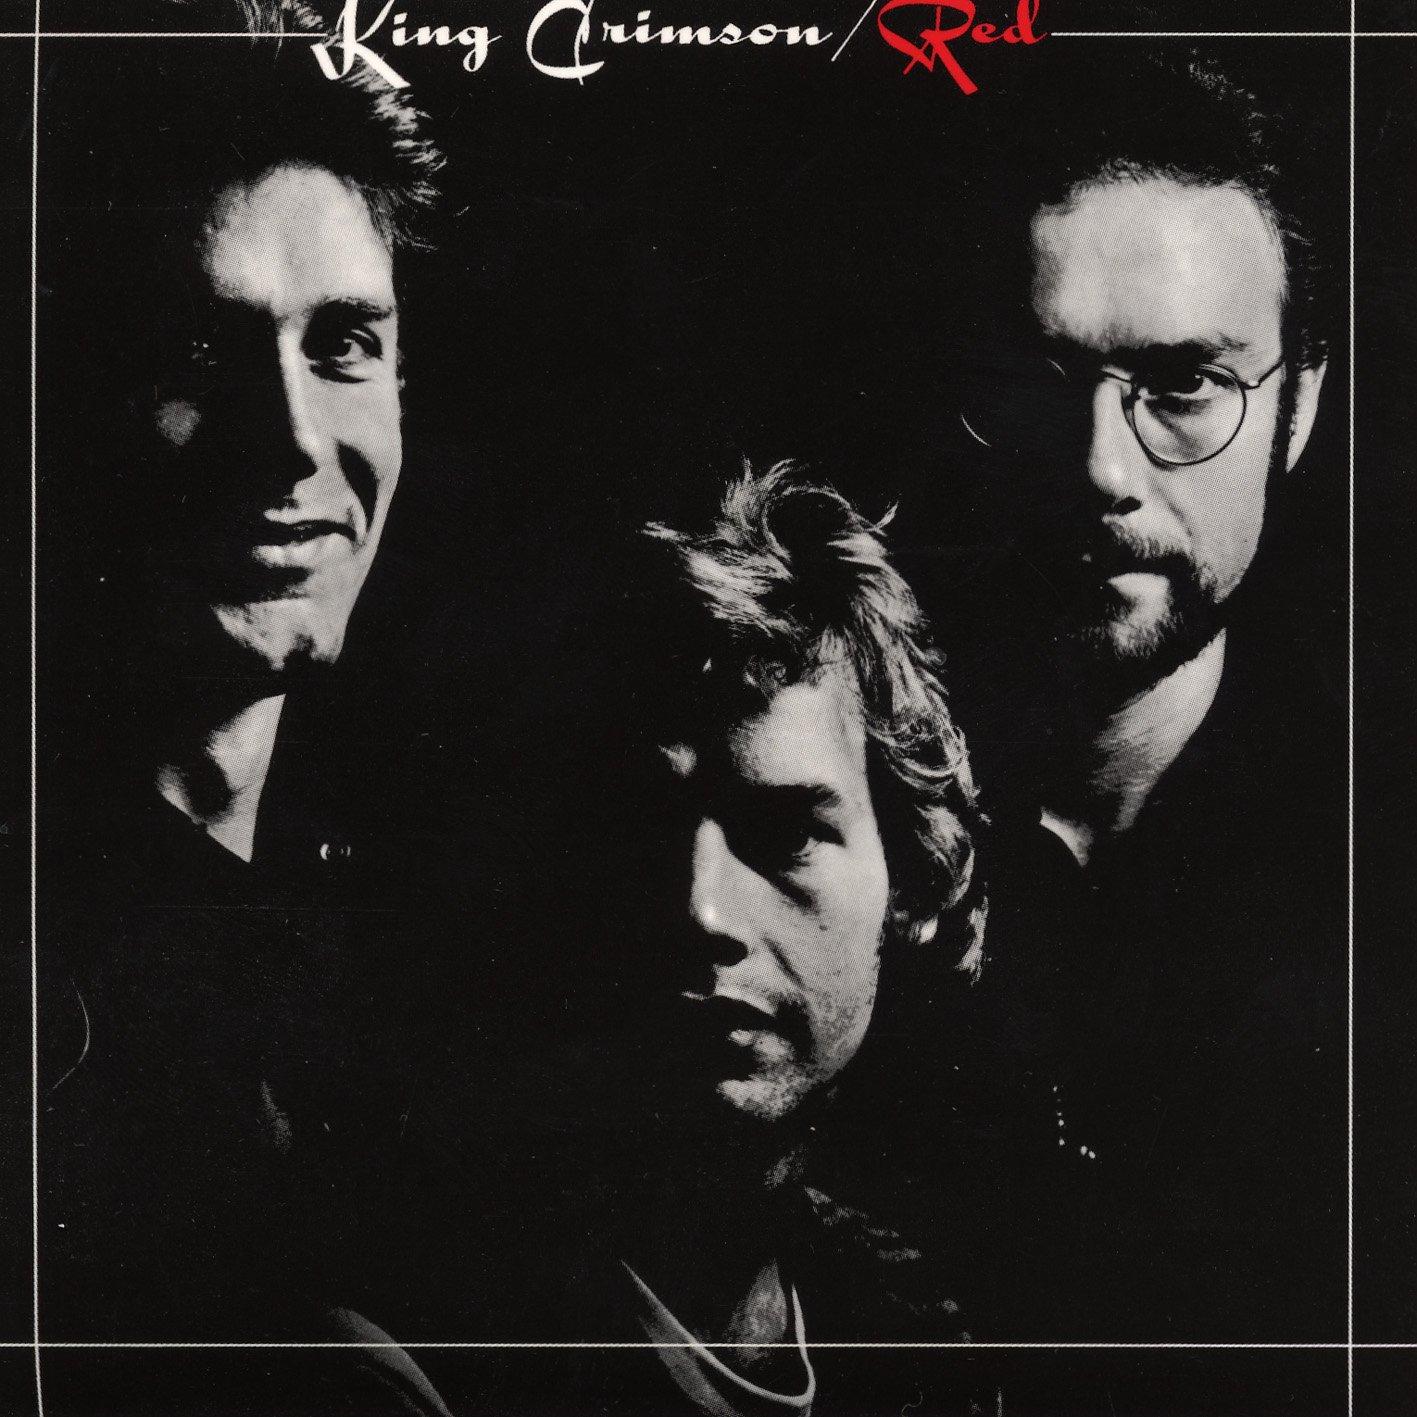 キング・クリムゾン(King Crimson)『Red』40周年記念エディション